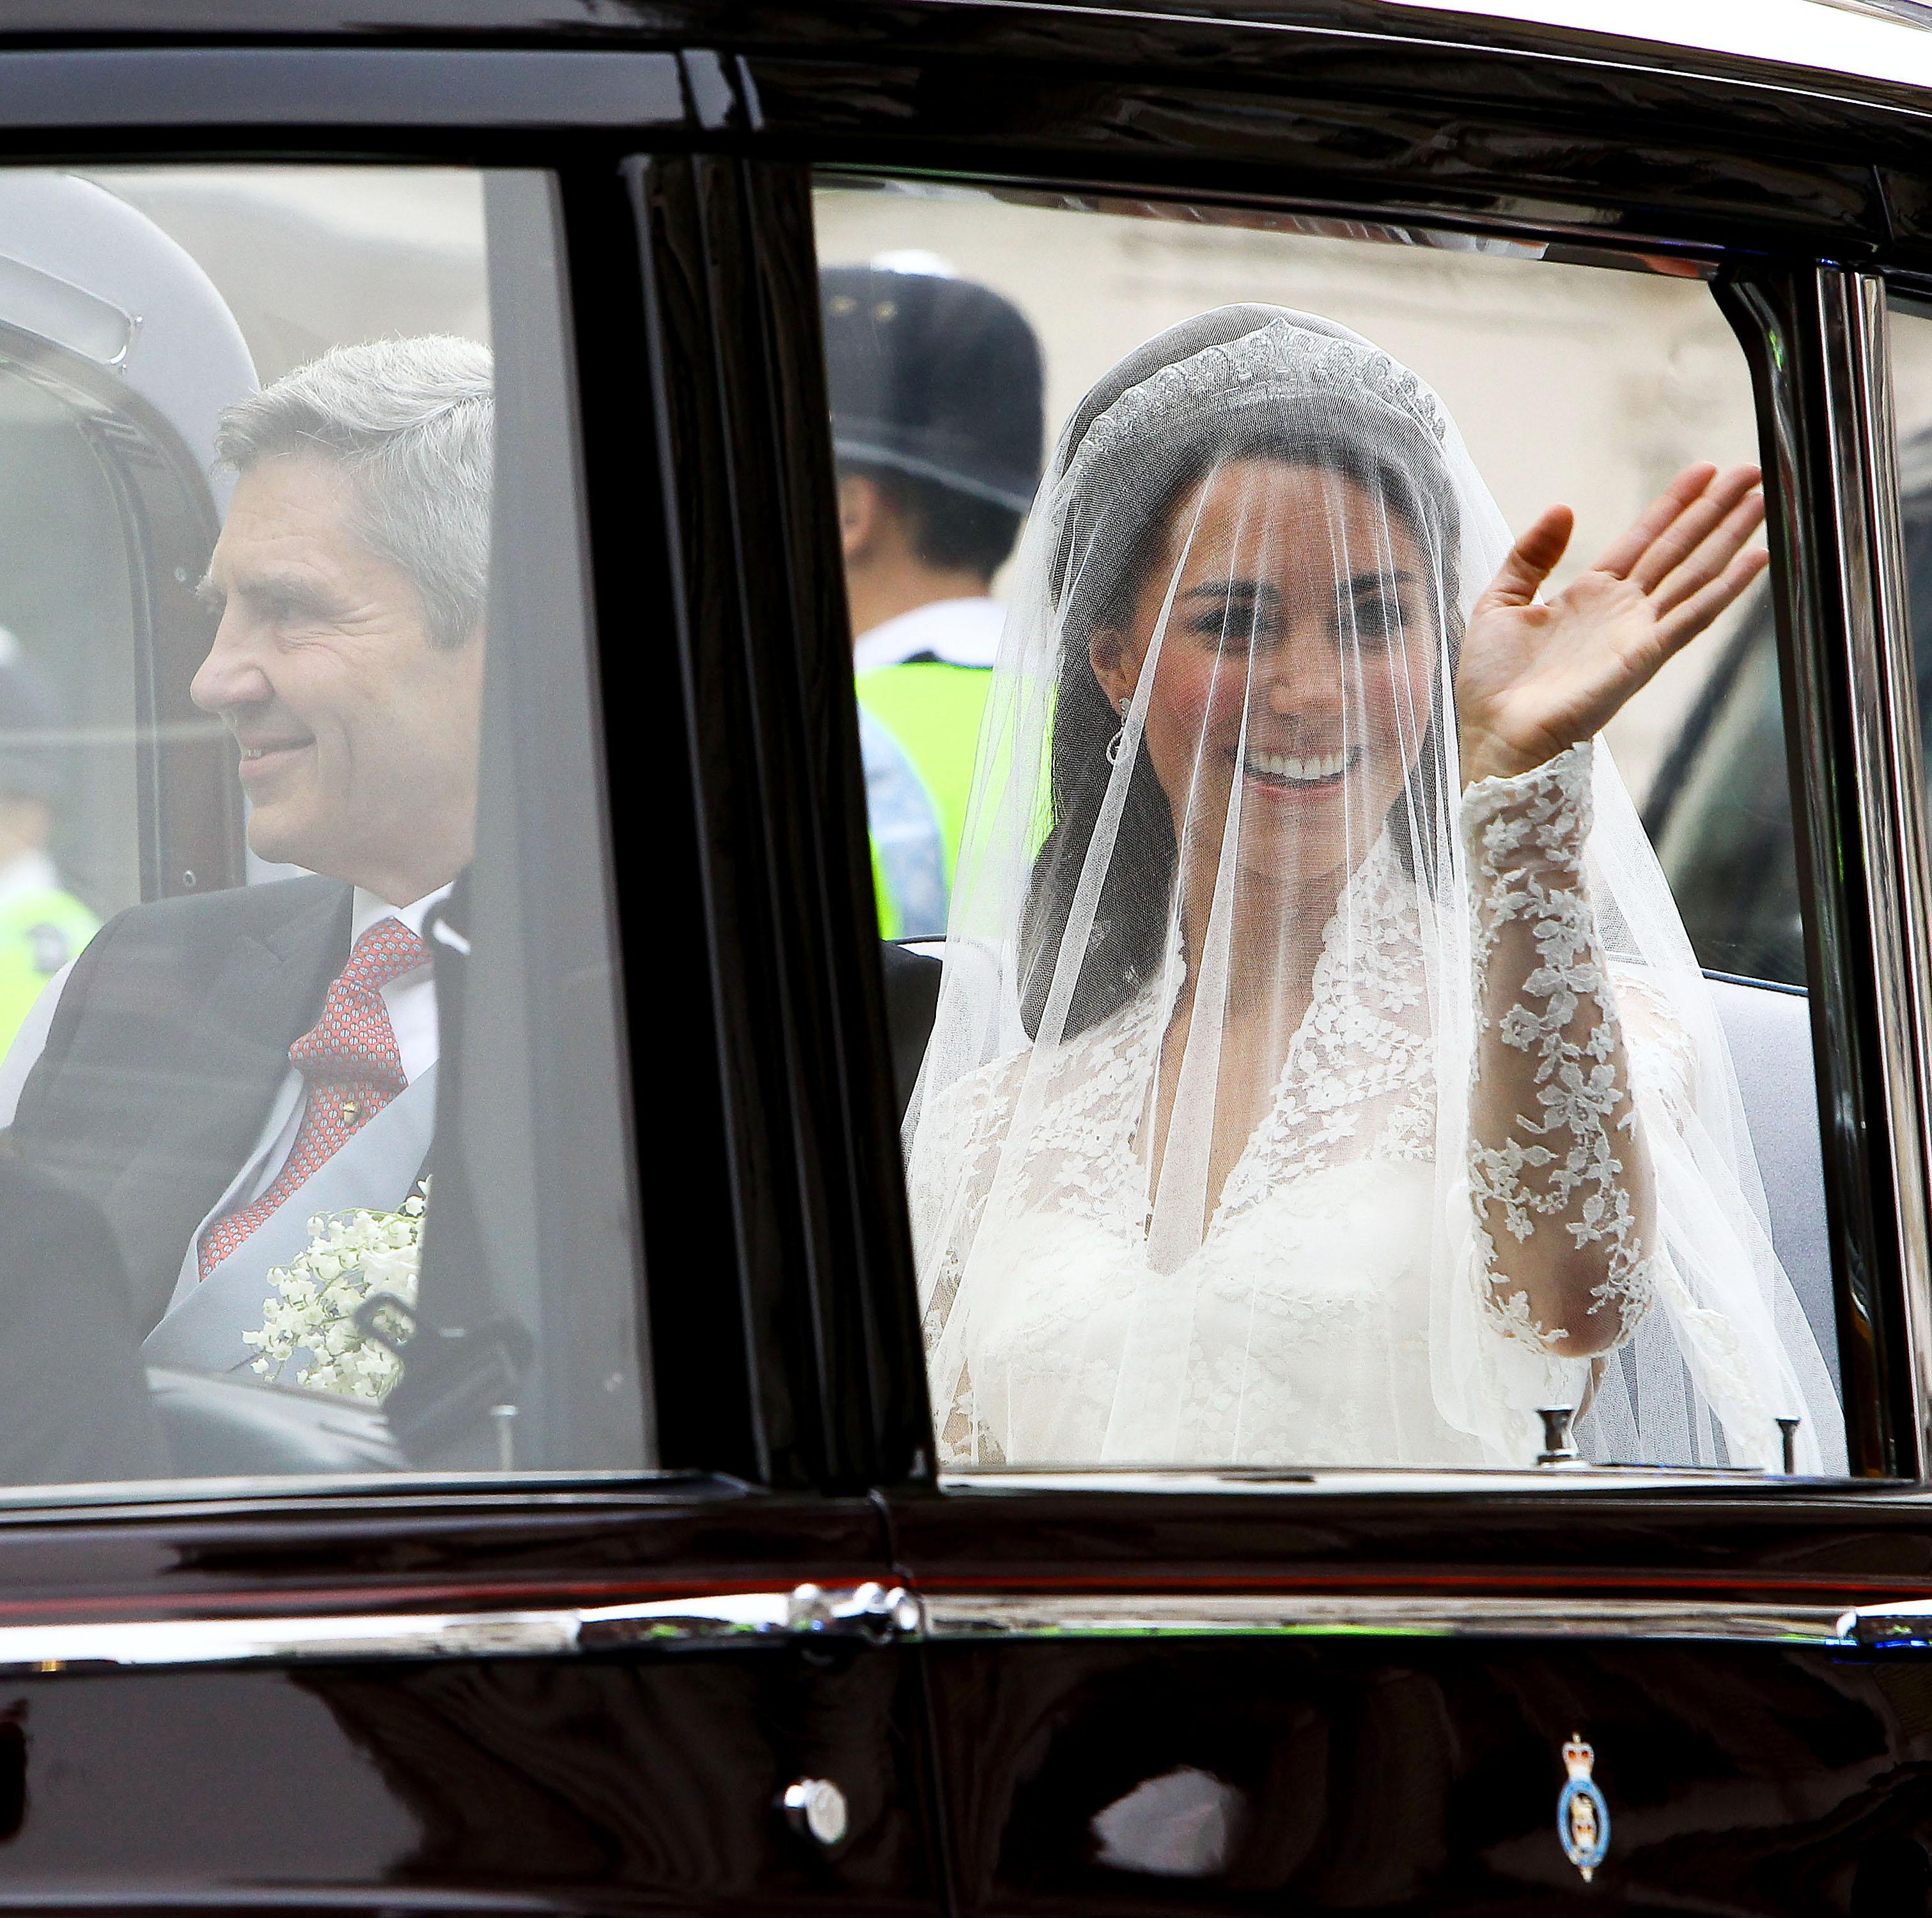 Kate Middleton in royal wedding dress